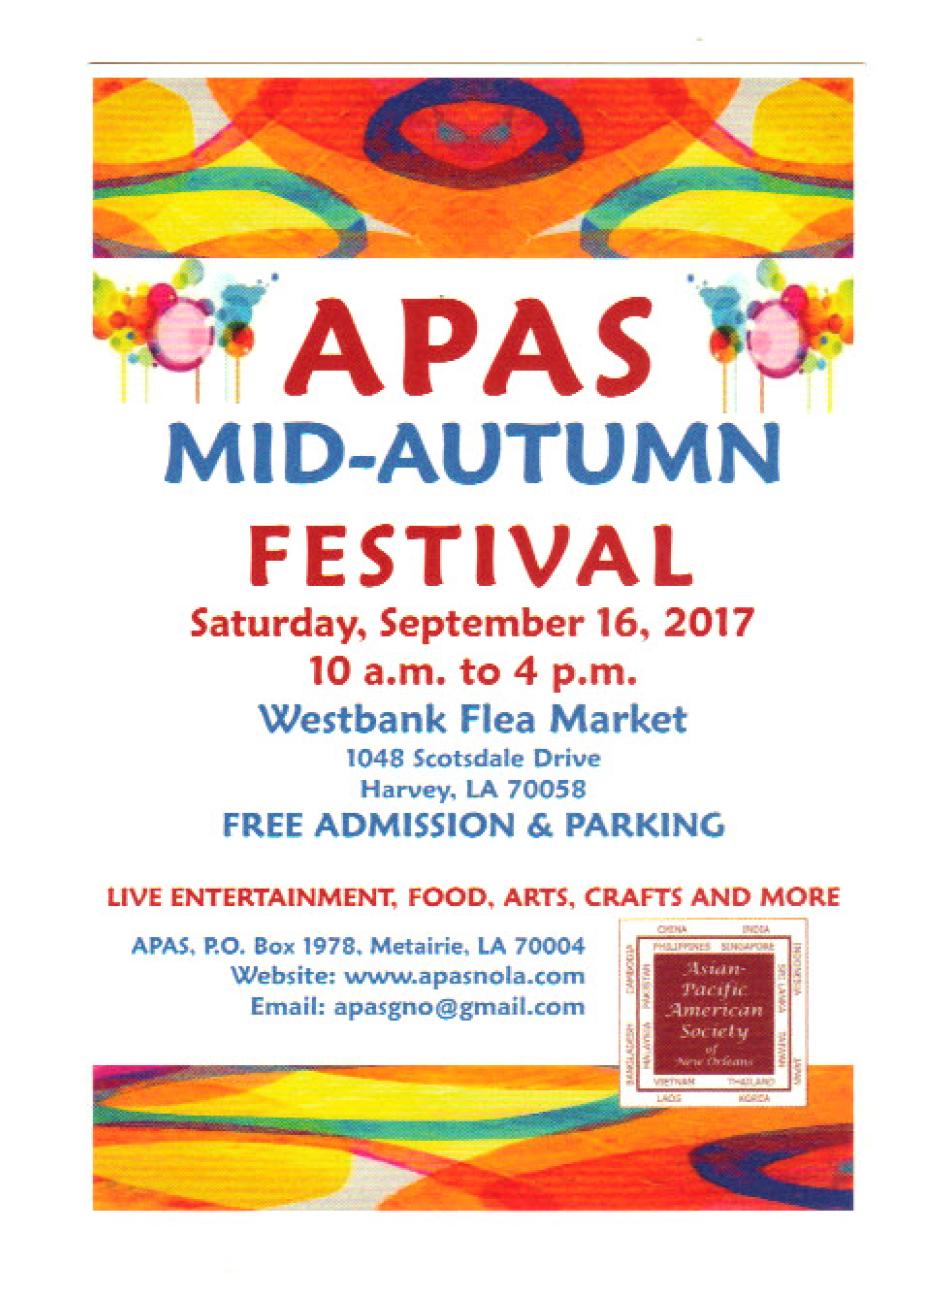 APAS Autumn Festival